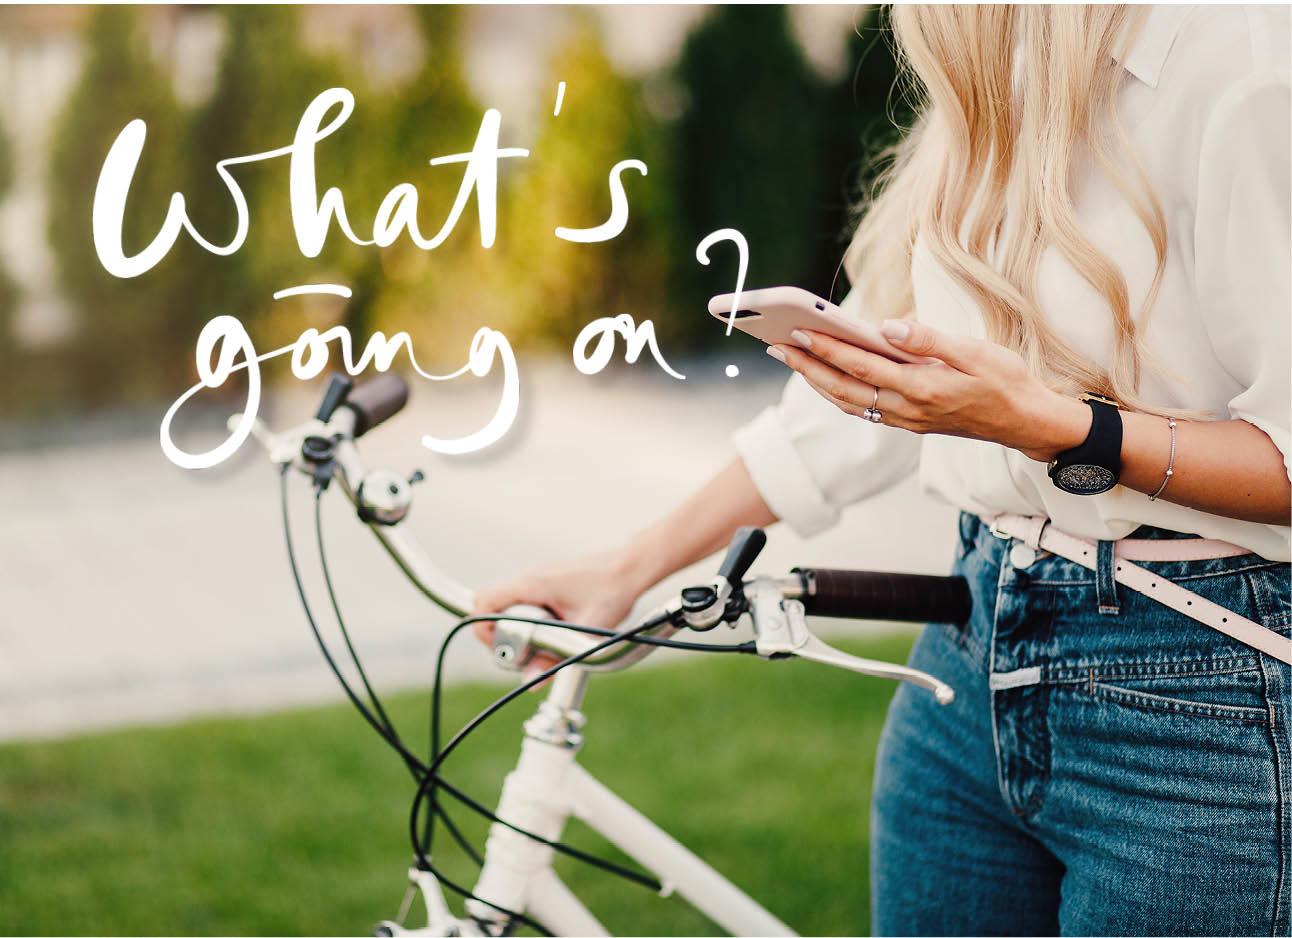 blonde vrouw met een roze iphone in ene hand en een fiets in de andere hand, jeans, riem, blouse